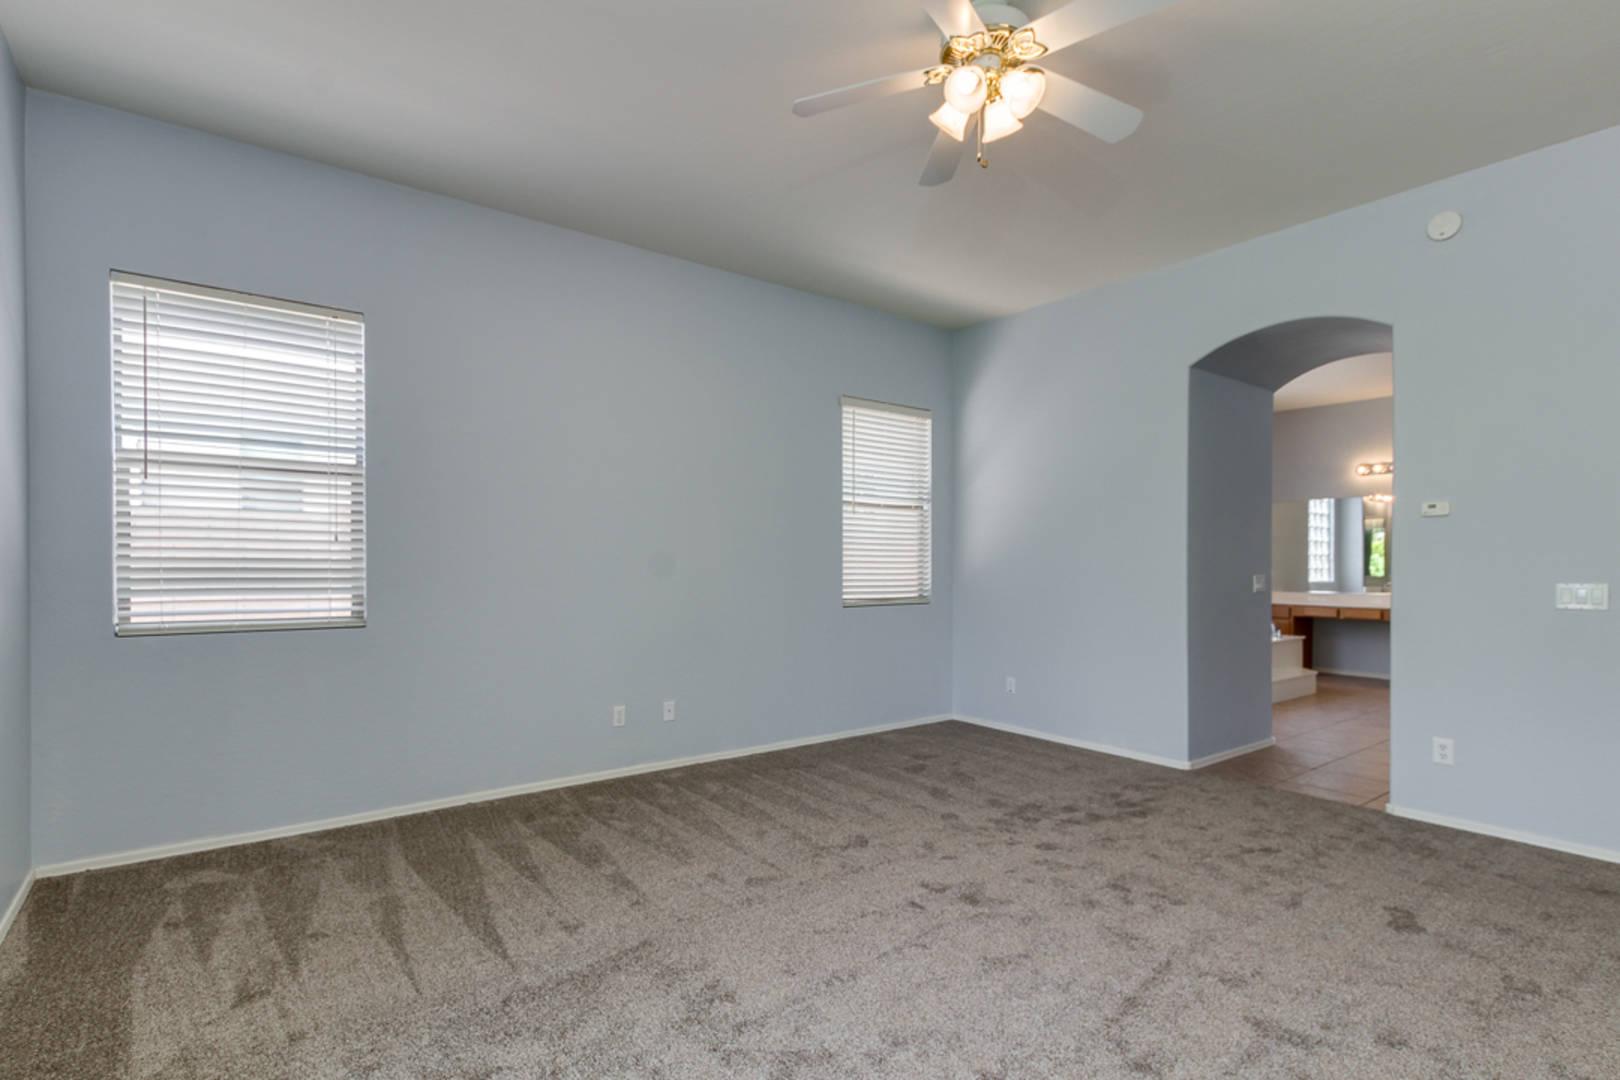 8664 E Halifax St Mesa, AZ 85207